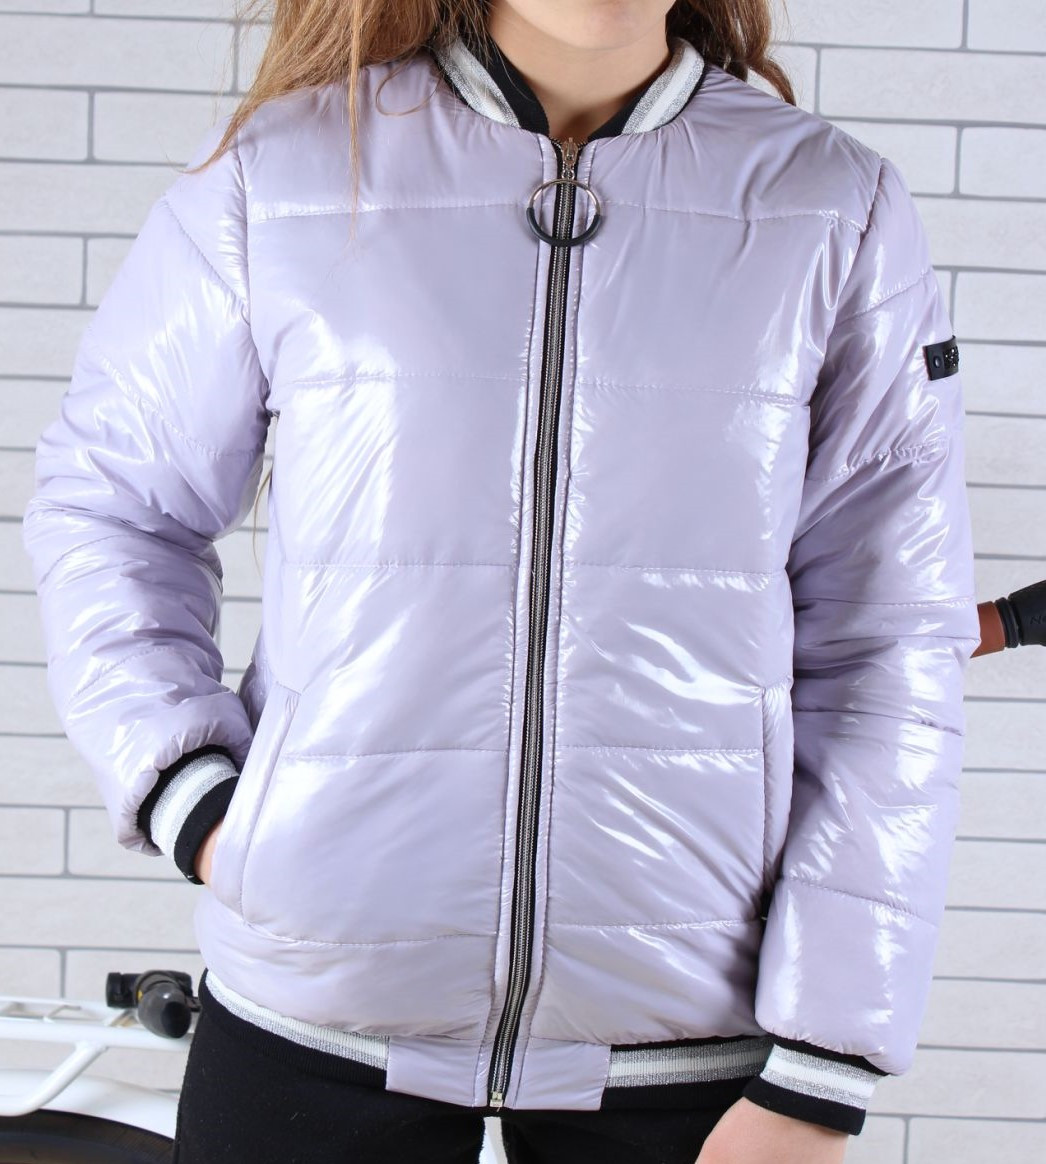 Куртка-бомбер демисезонная #45454 для девочек 9-10-11-12-13-14 лет (134-164 см). Сиреневая. Оптом